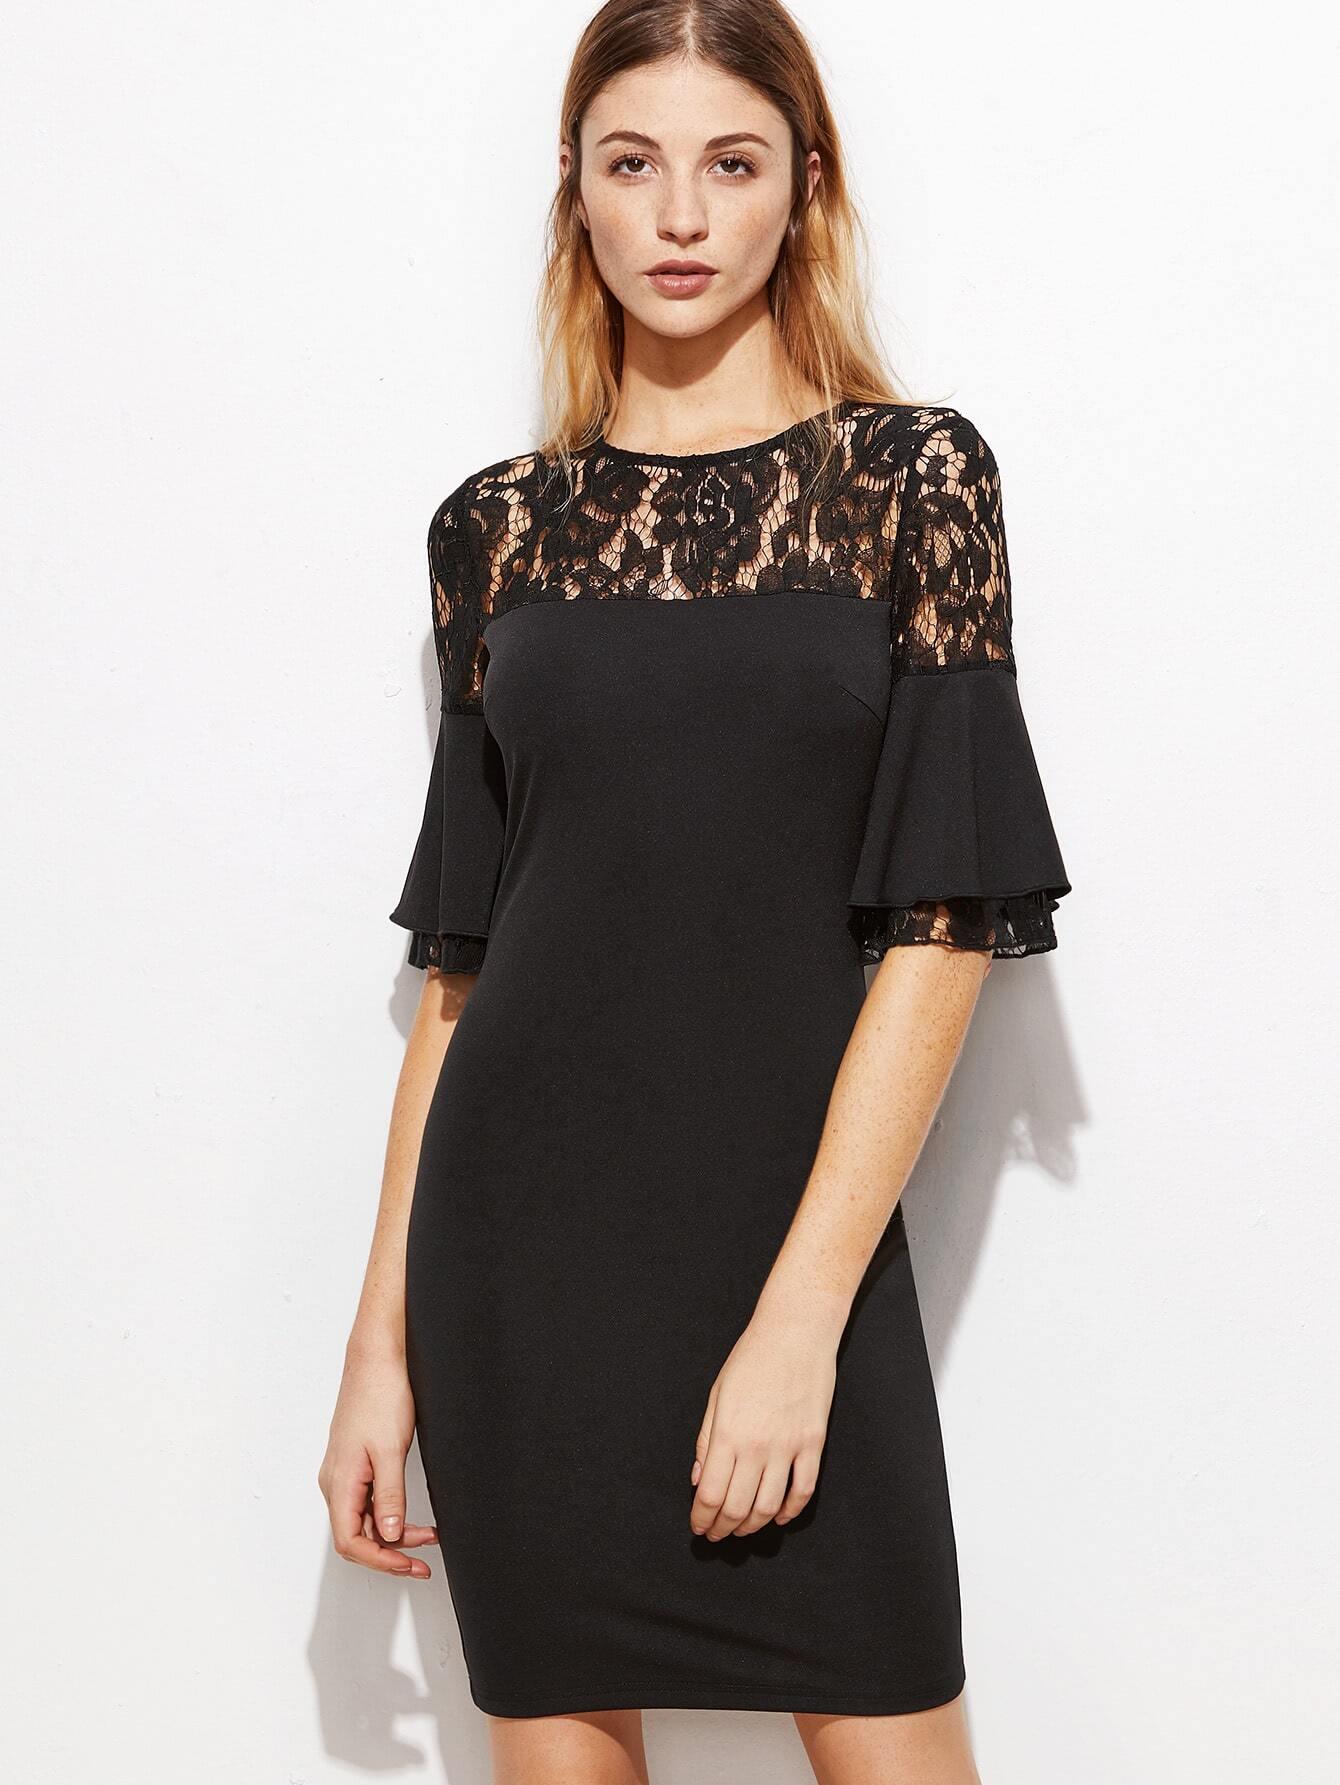 dress161028708_2